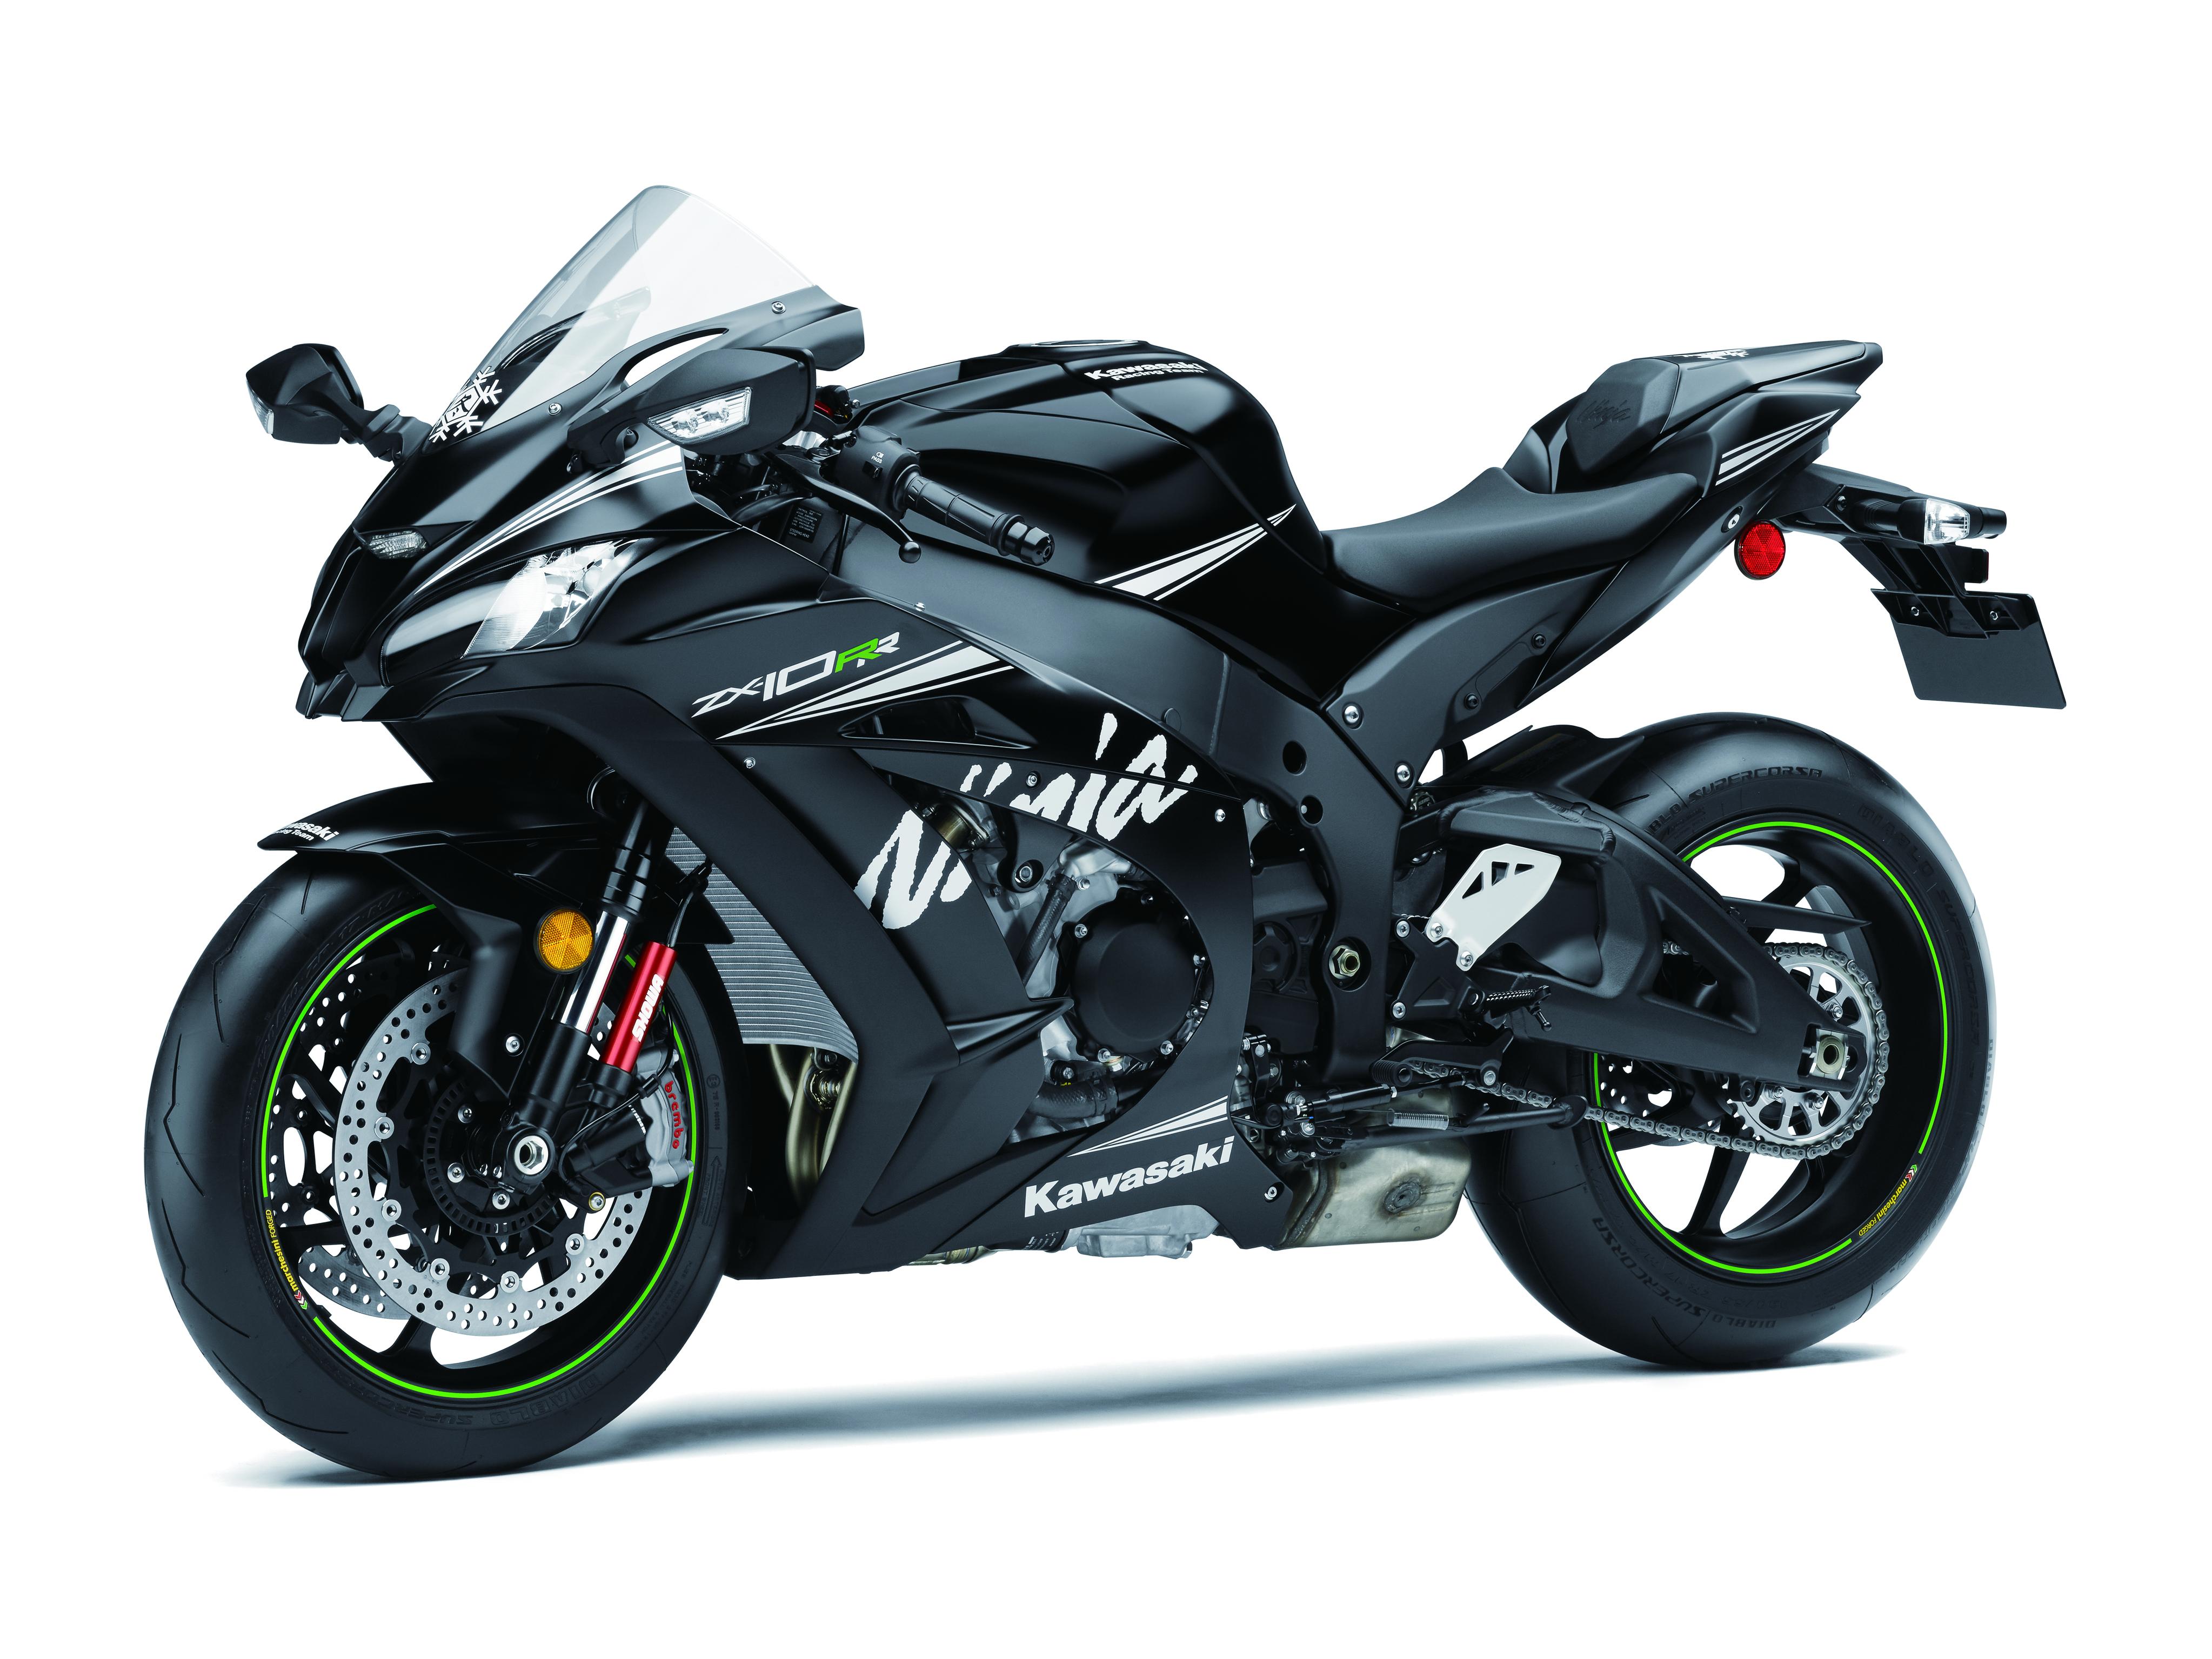 Limited-edition Kawasaki Ninja ZX-10RR debuts